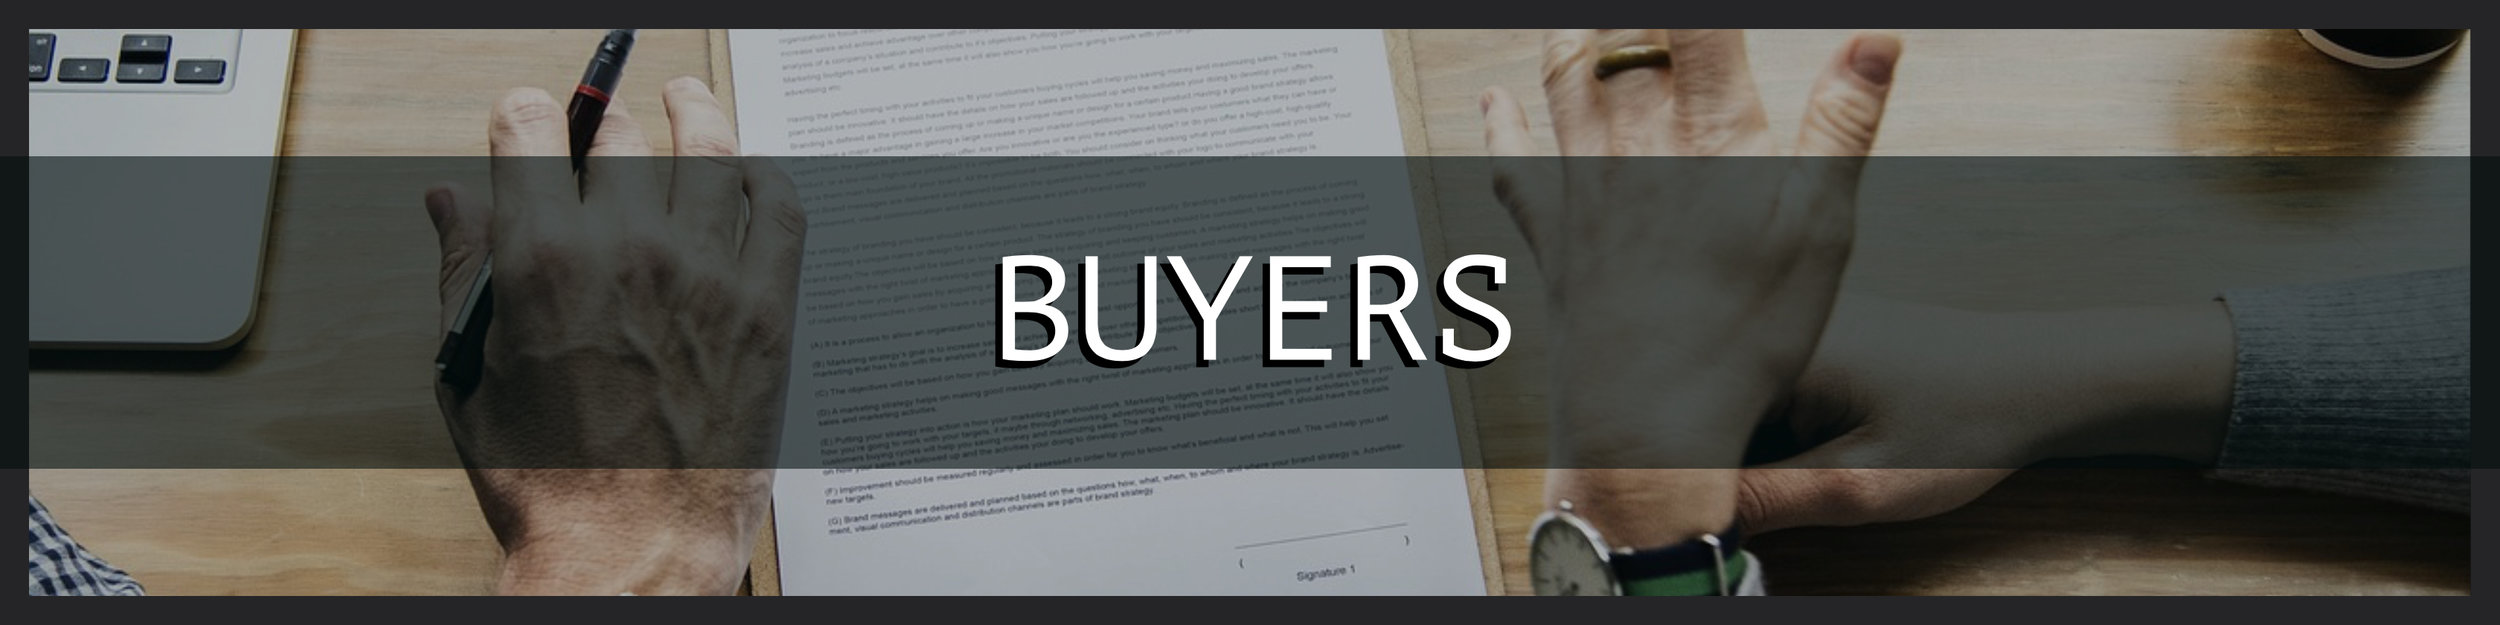 Buyers Banner Website.jpg